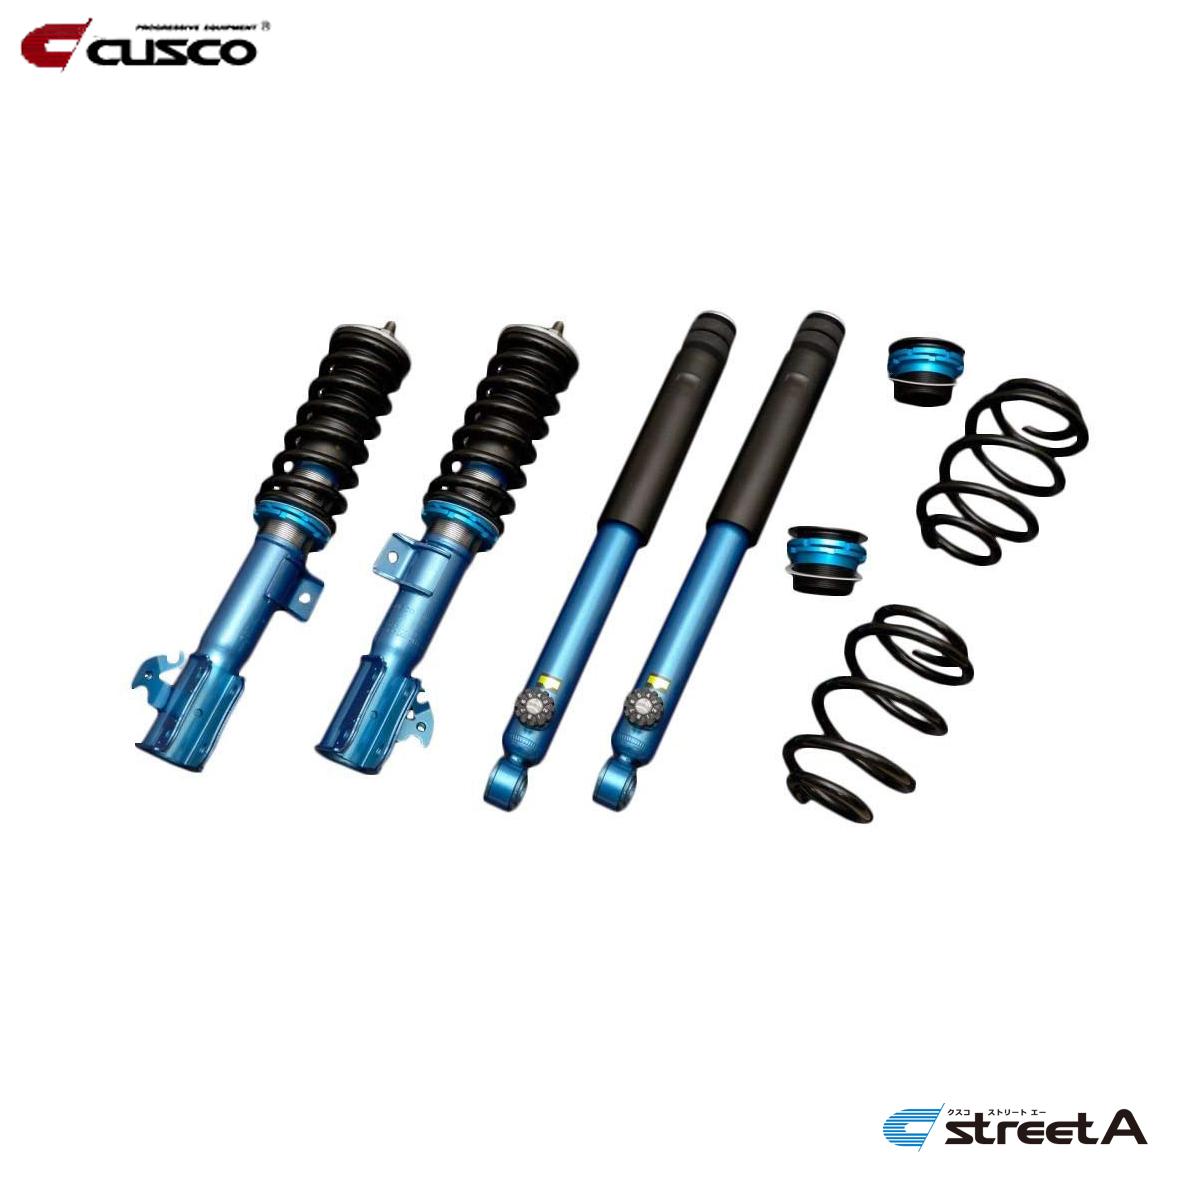 CUSCO クスコ キューブ Z12 車高調 全長固定式 267-62J-CB